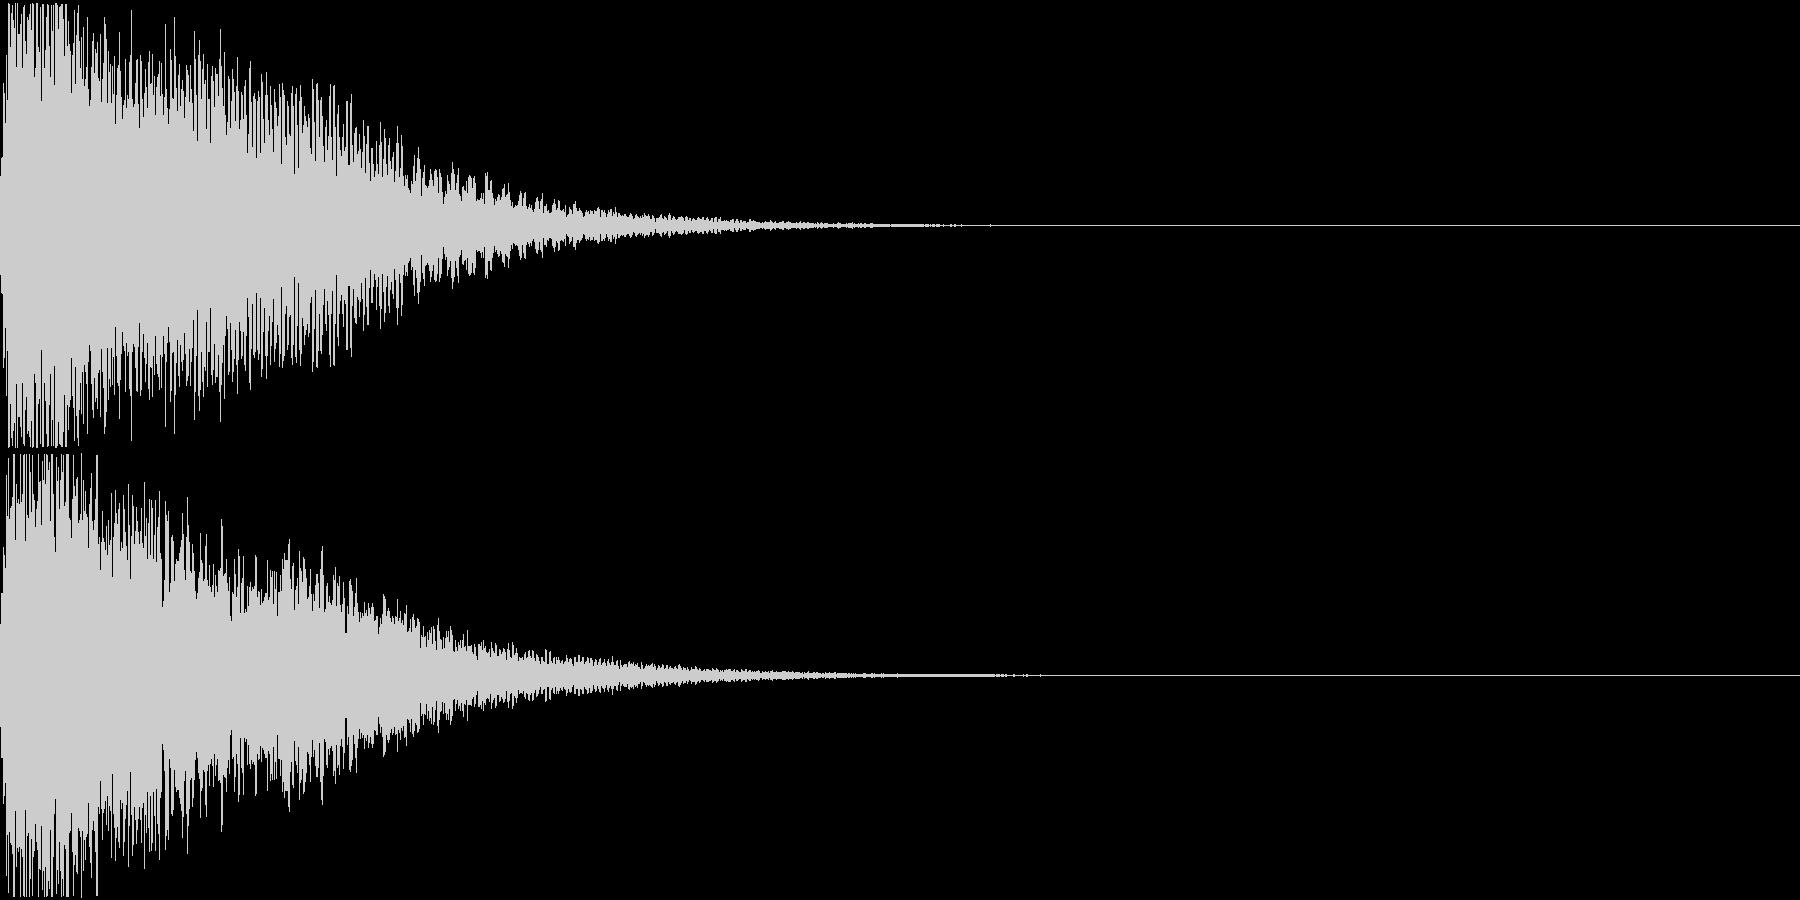 ロボット 合体 ガシーン キュイン 31の未再生の波形